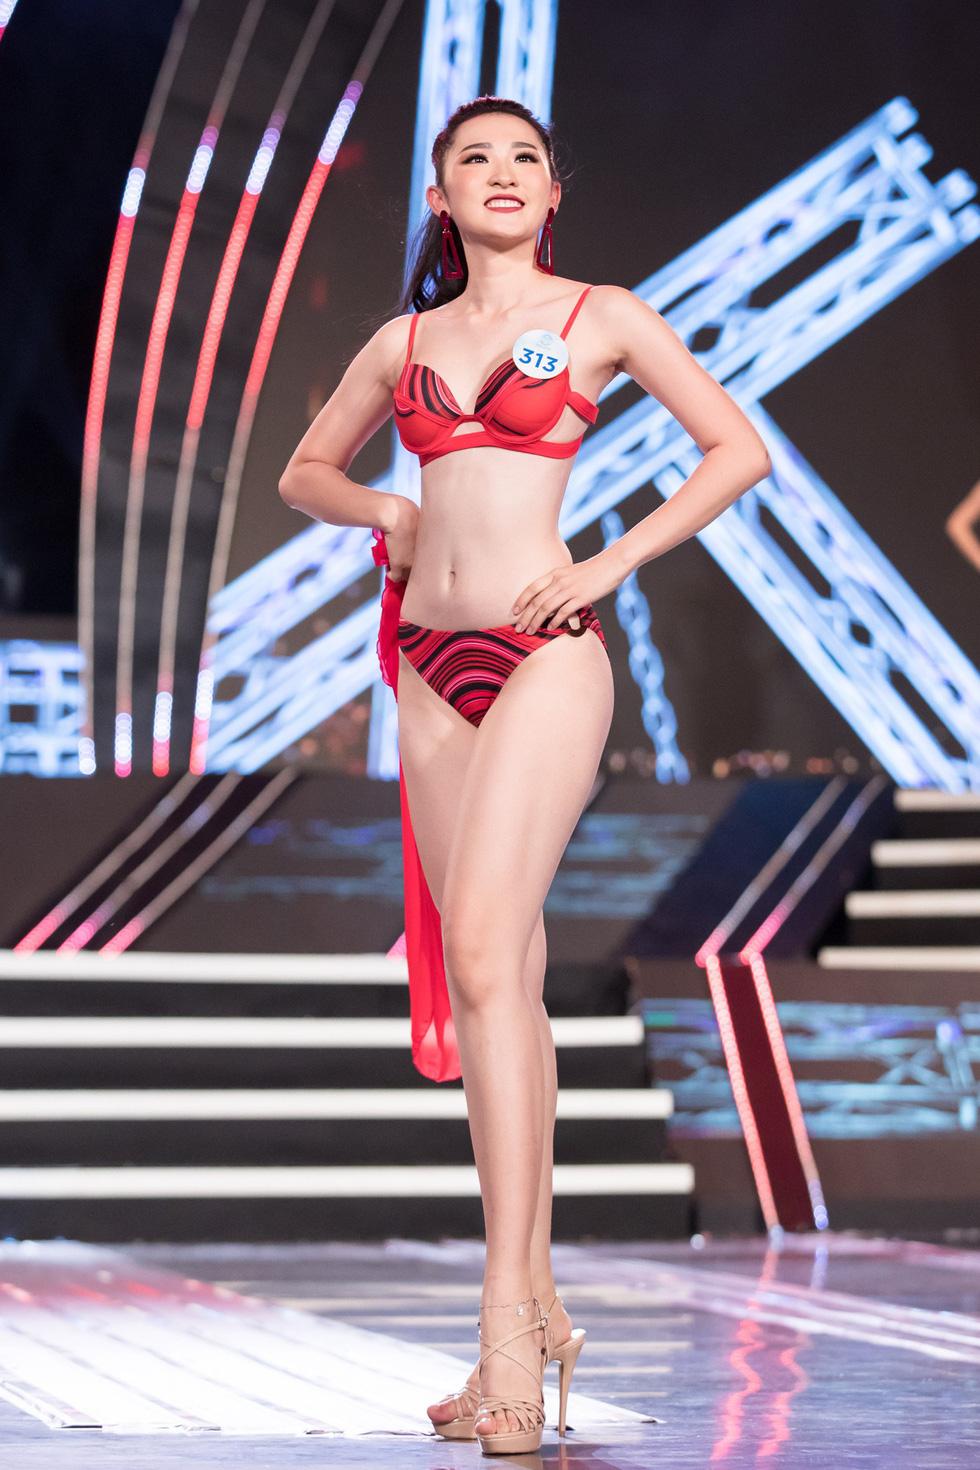 25 thí sinh Miss World Việt Nam 2019 đẹp nhất phía Bắc nóng bỏng thi bikini - Ảnh 7.